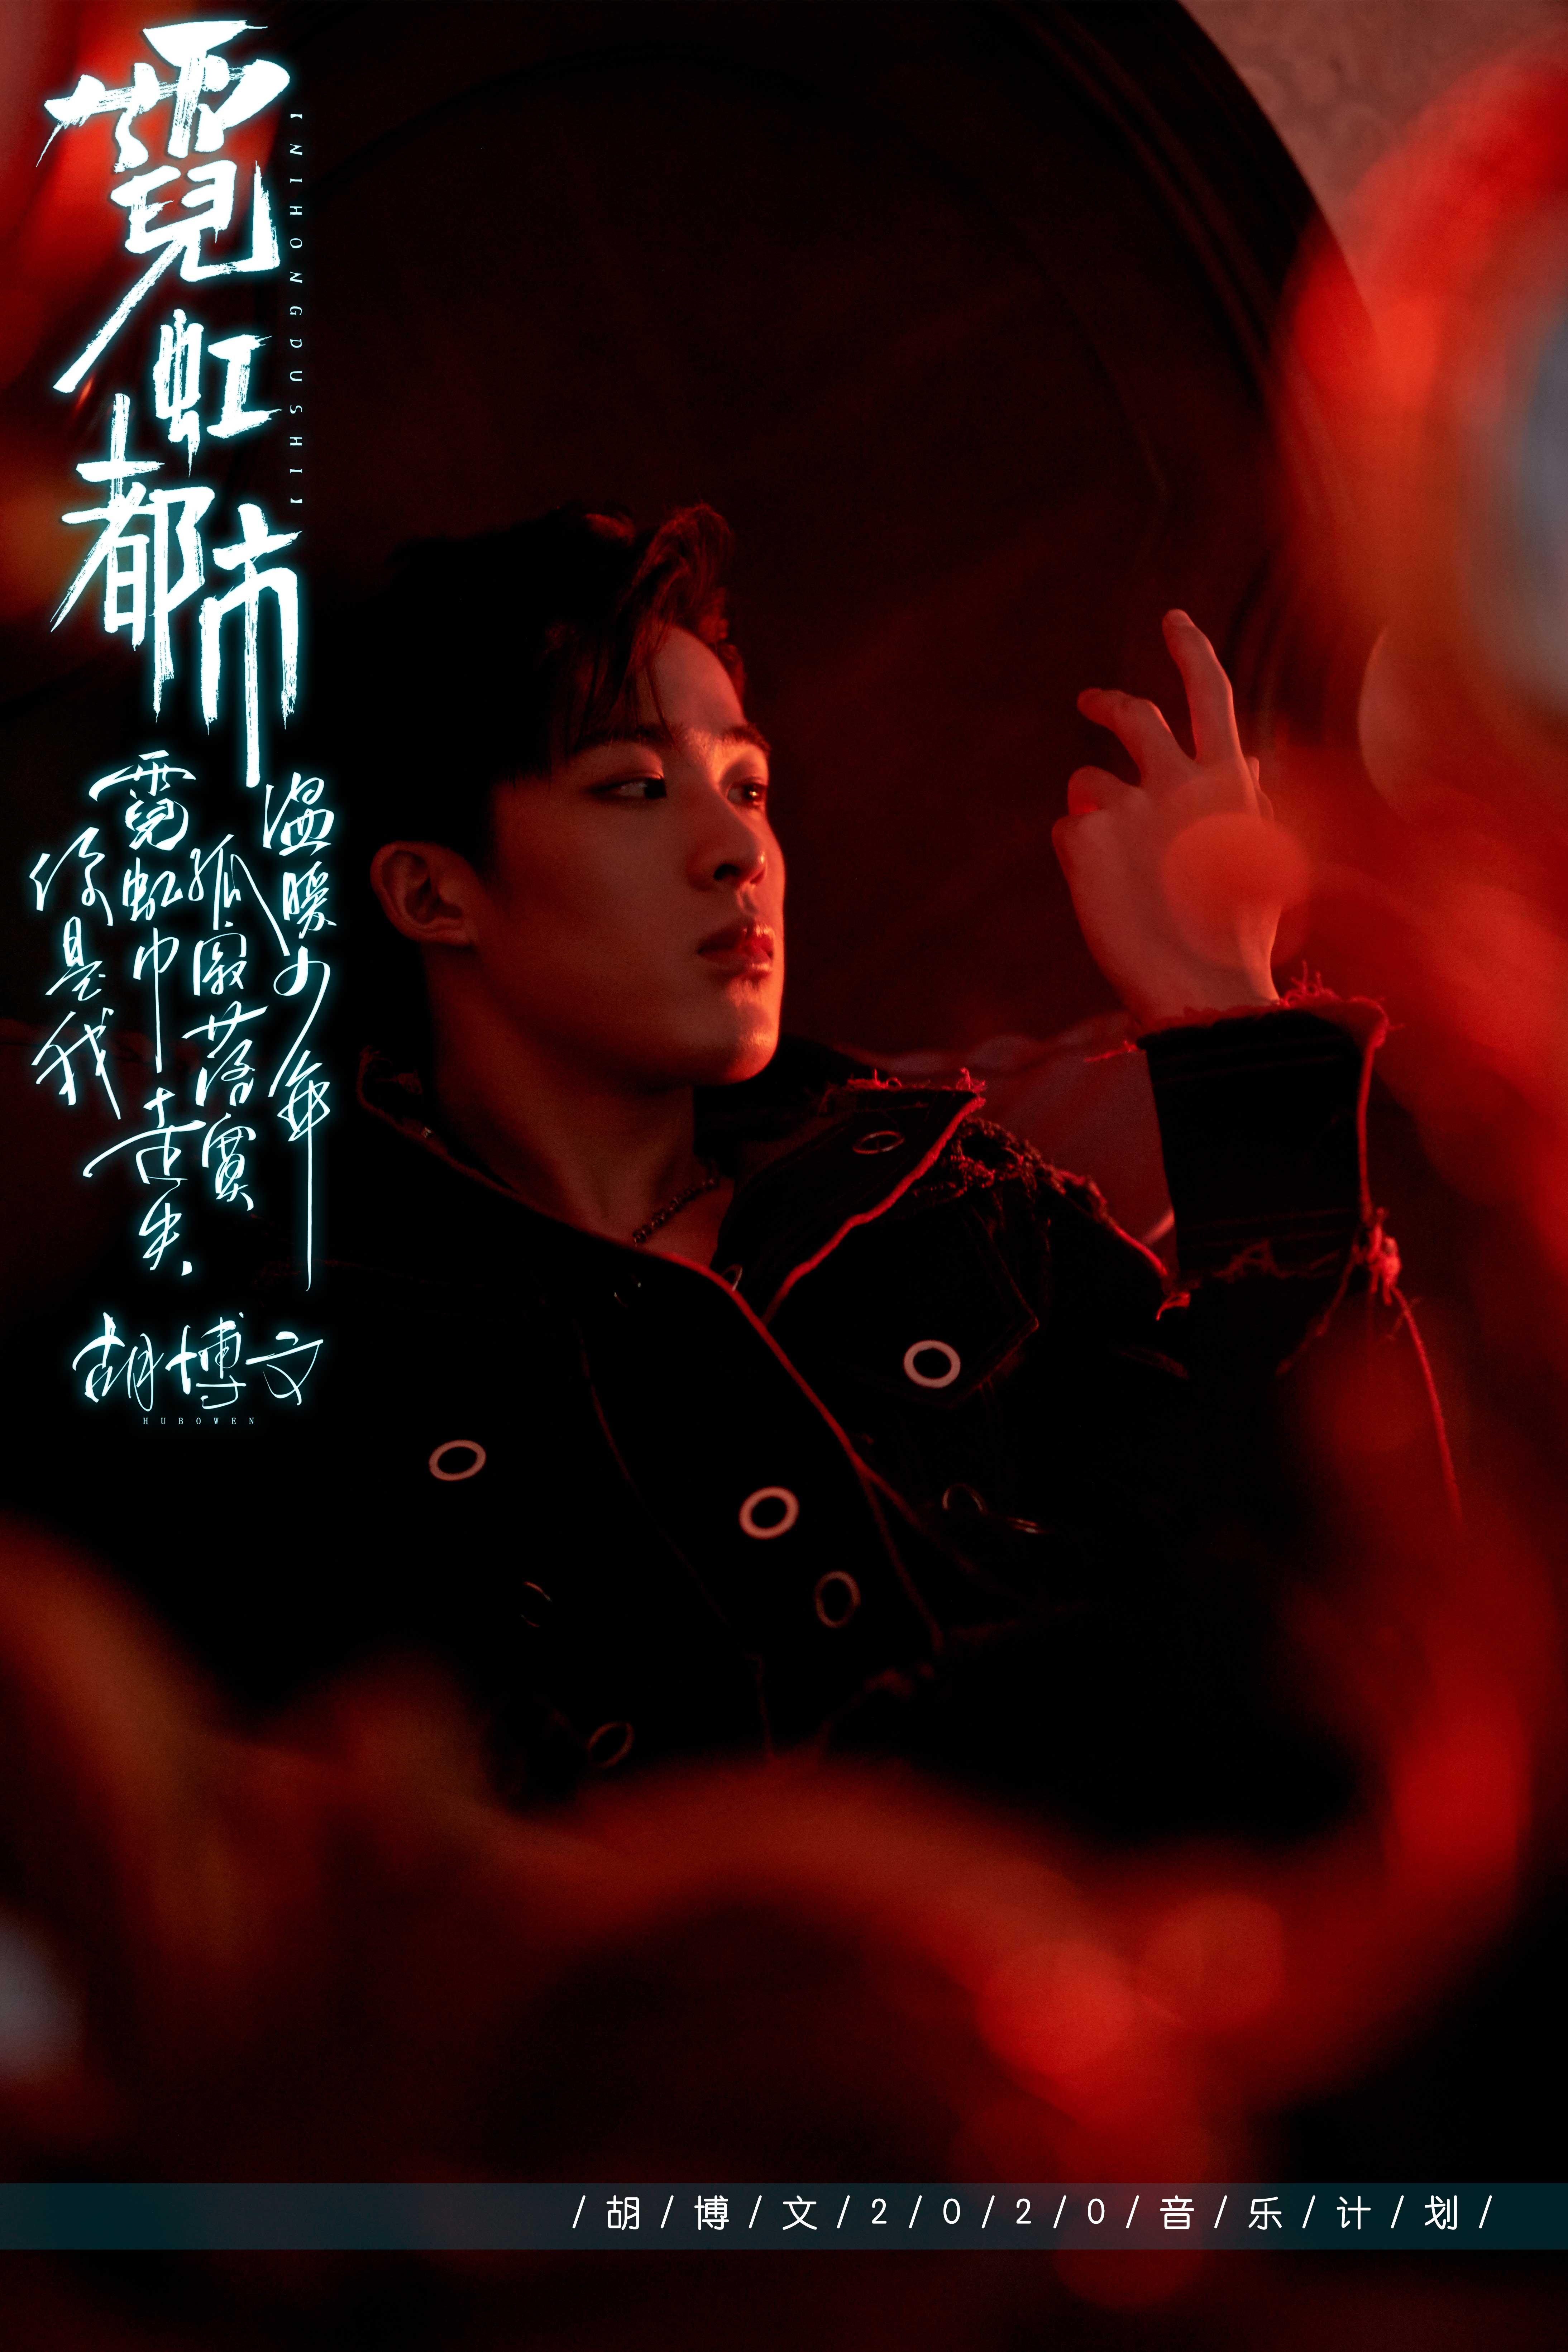 《运动吧少年》胡博文首张个人EP《霓虹都市》歌词尽显少年兄弟情